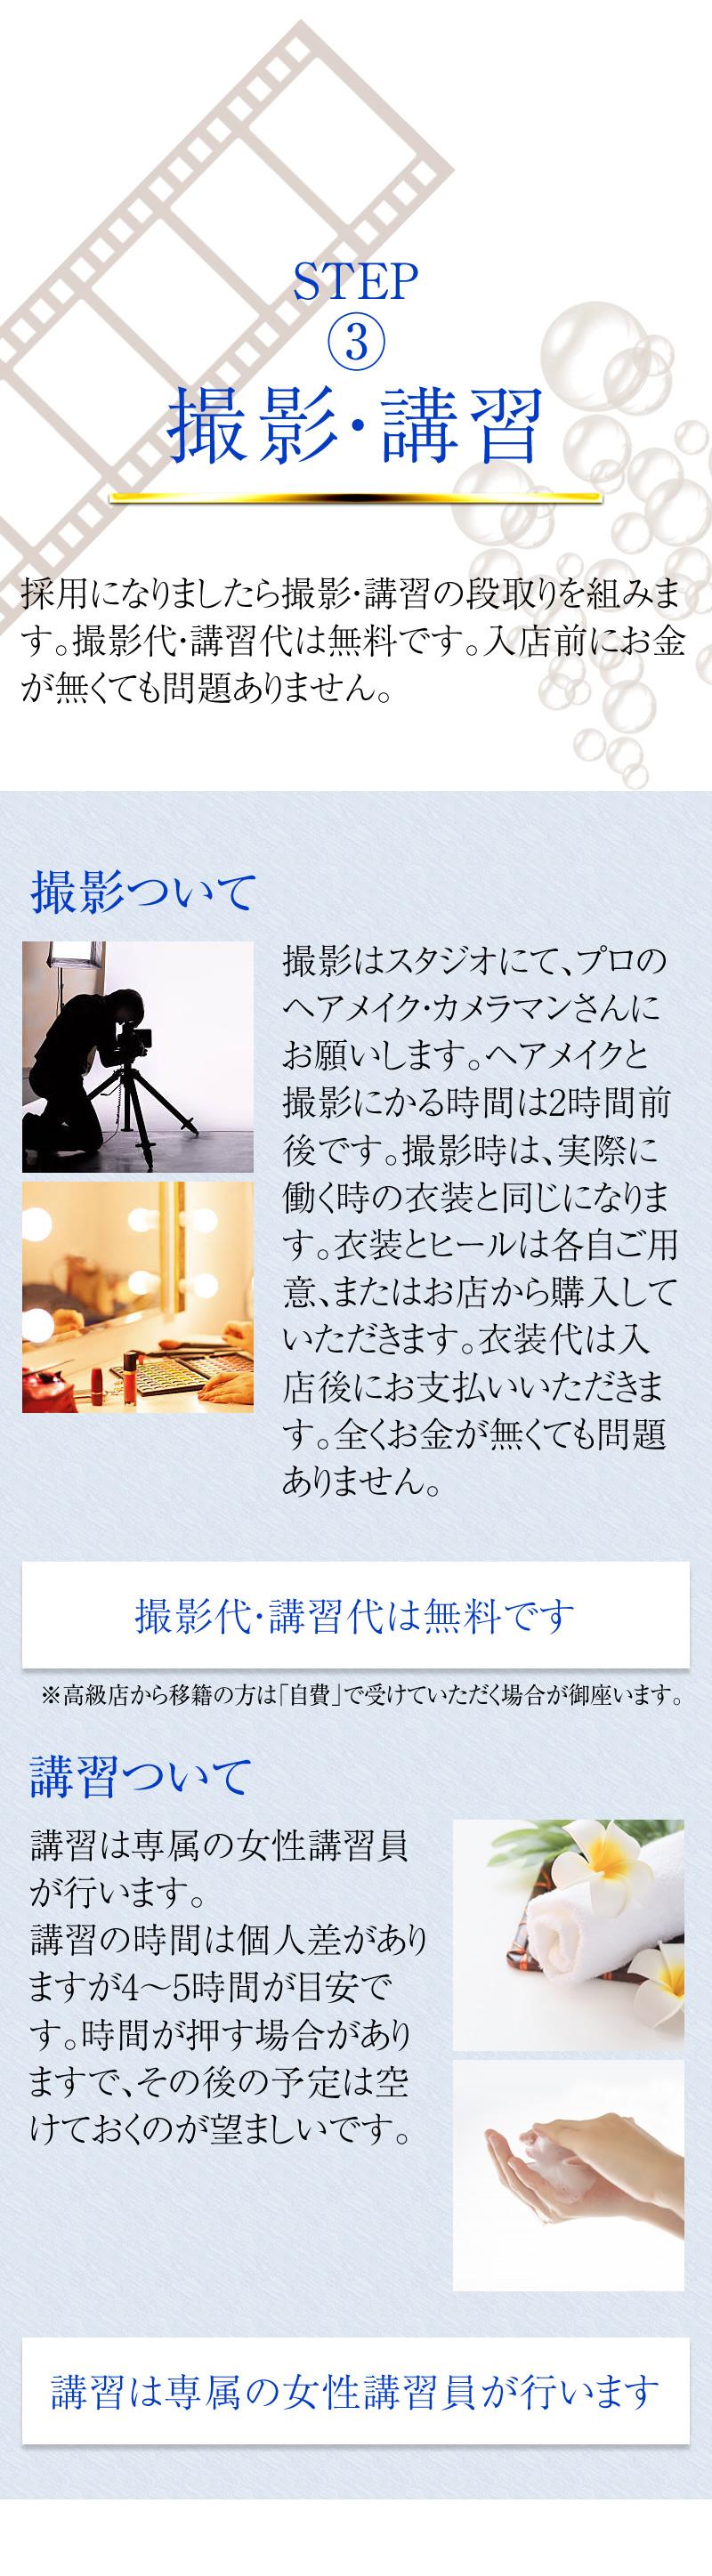 ステップ3 撮影・講習